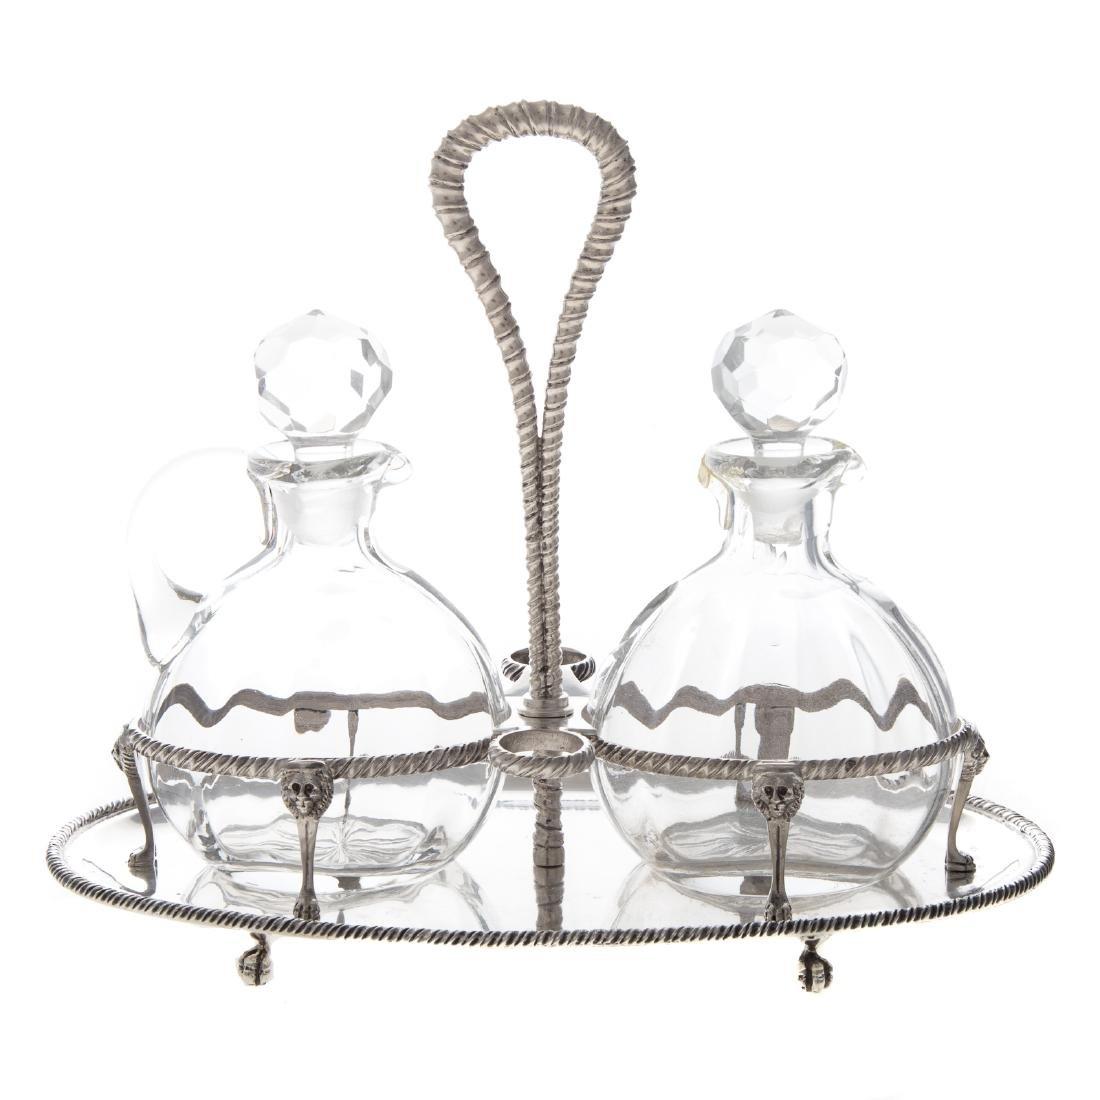 Buccellati sterling silver cruet stand